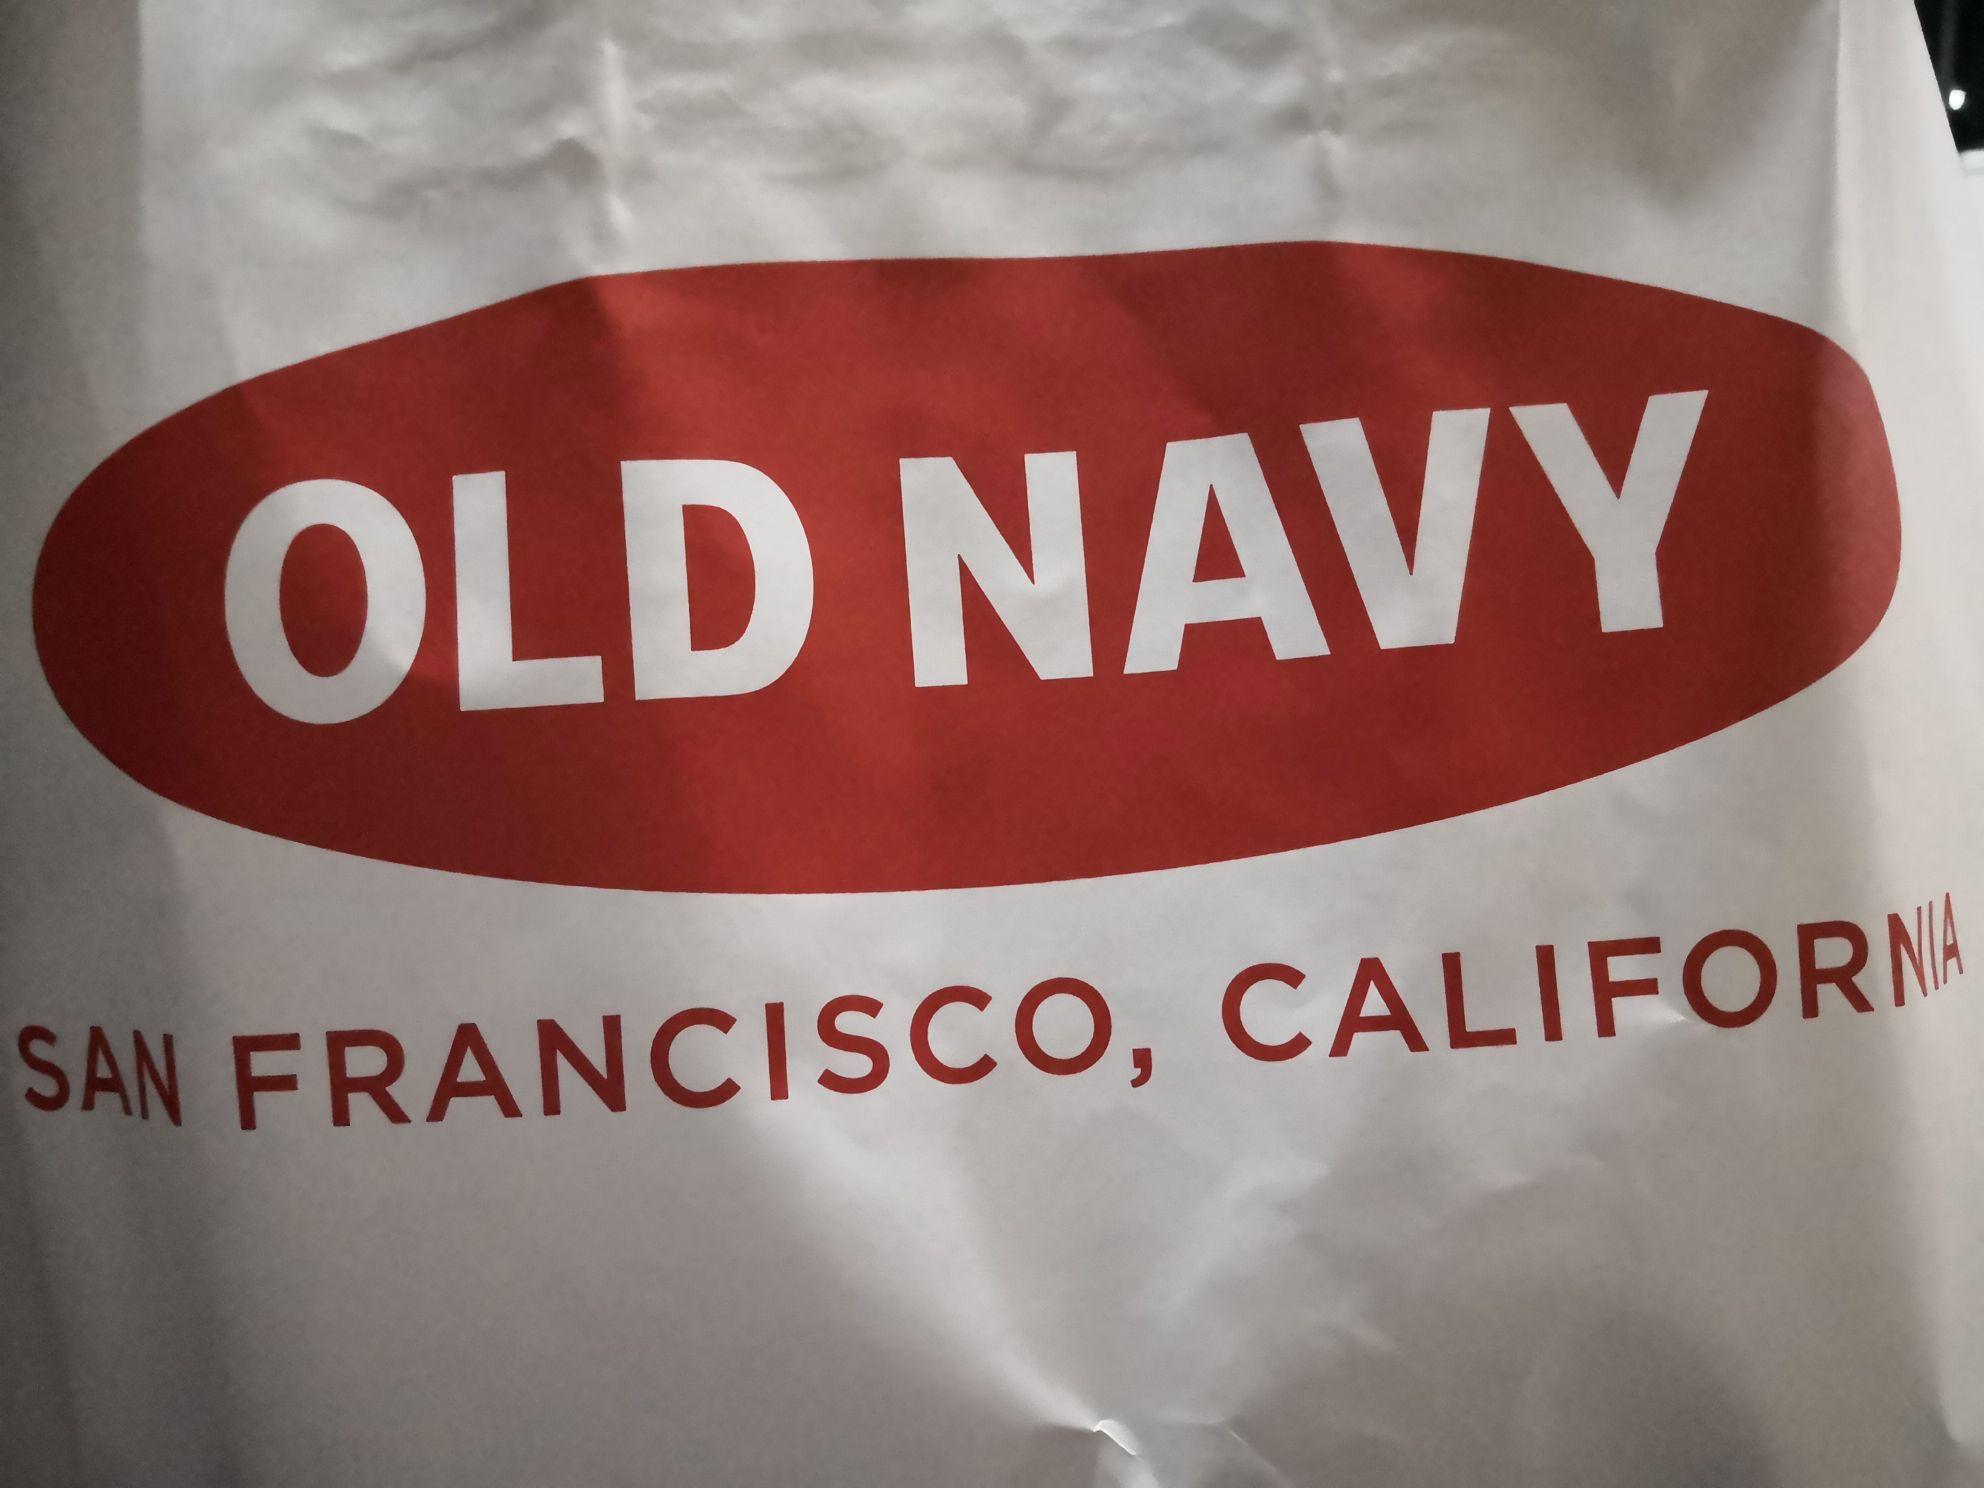 Old Navy: $200 de descuento en compras de $1100 pagando con VISA